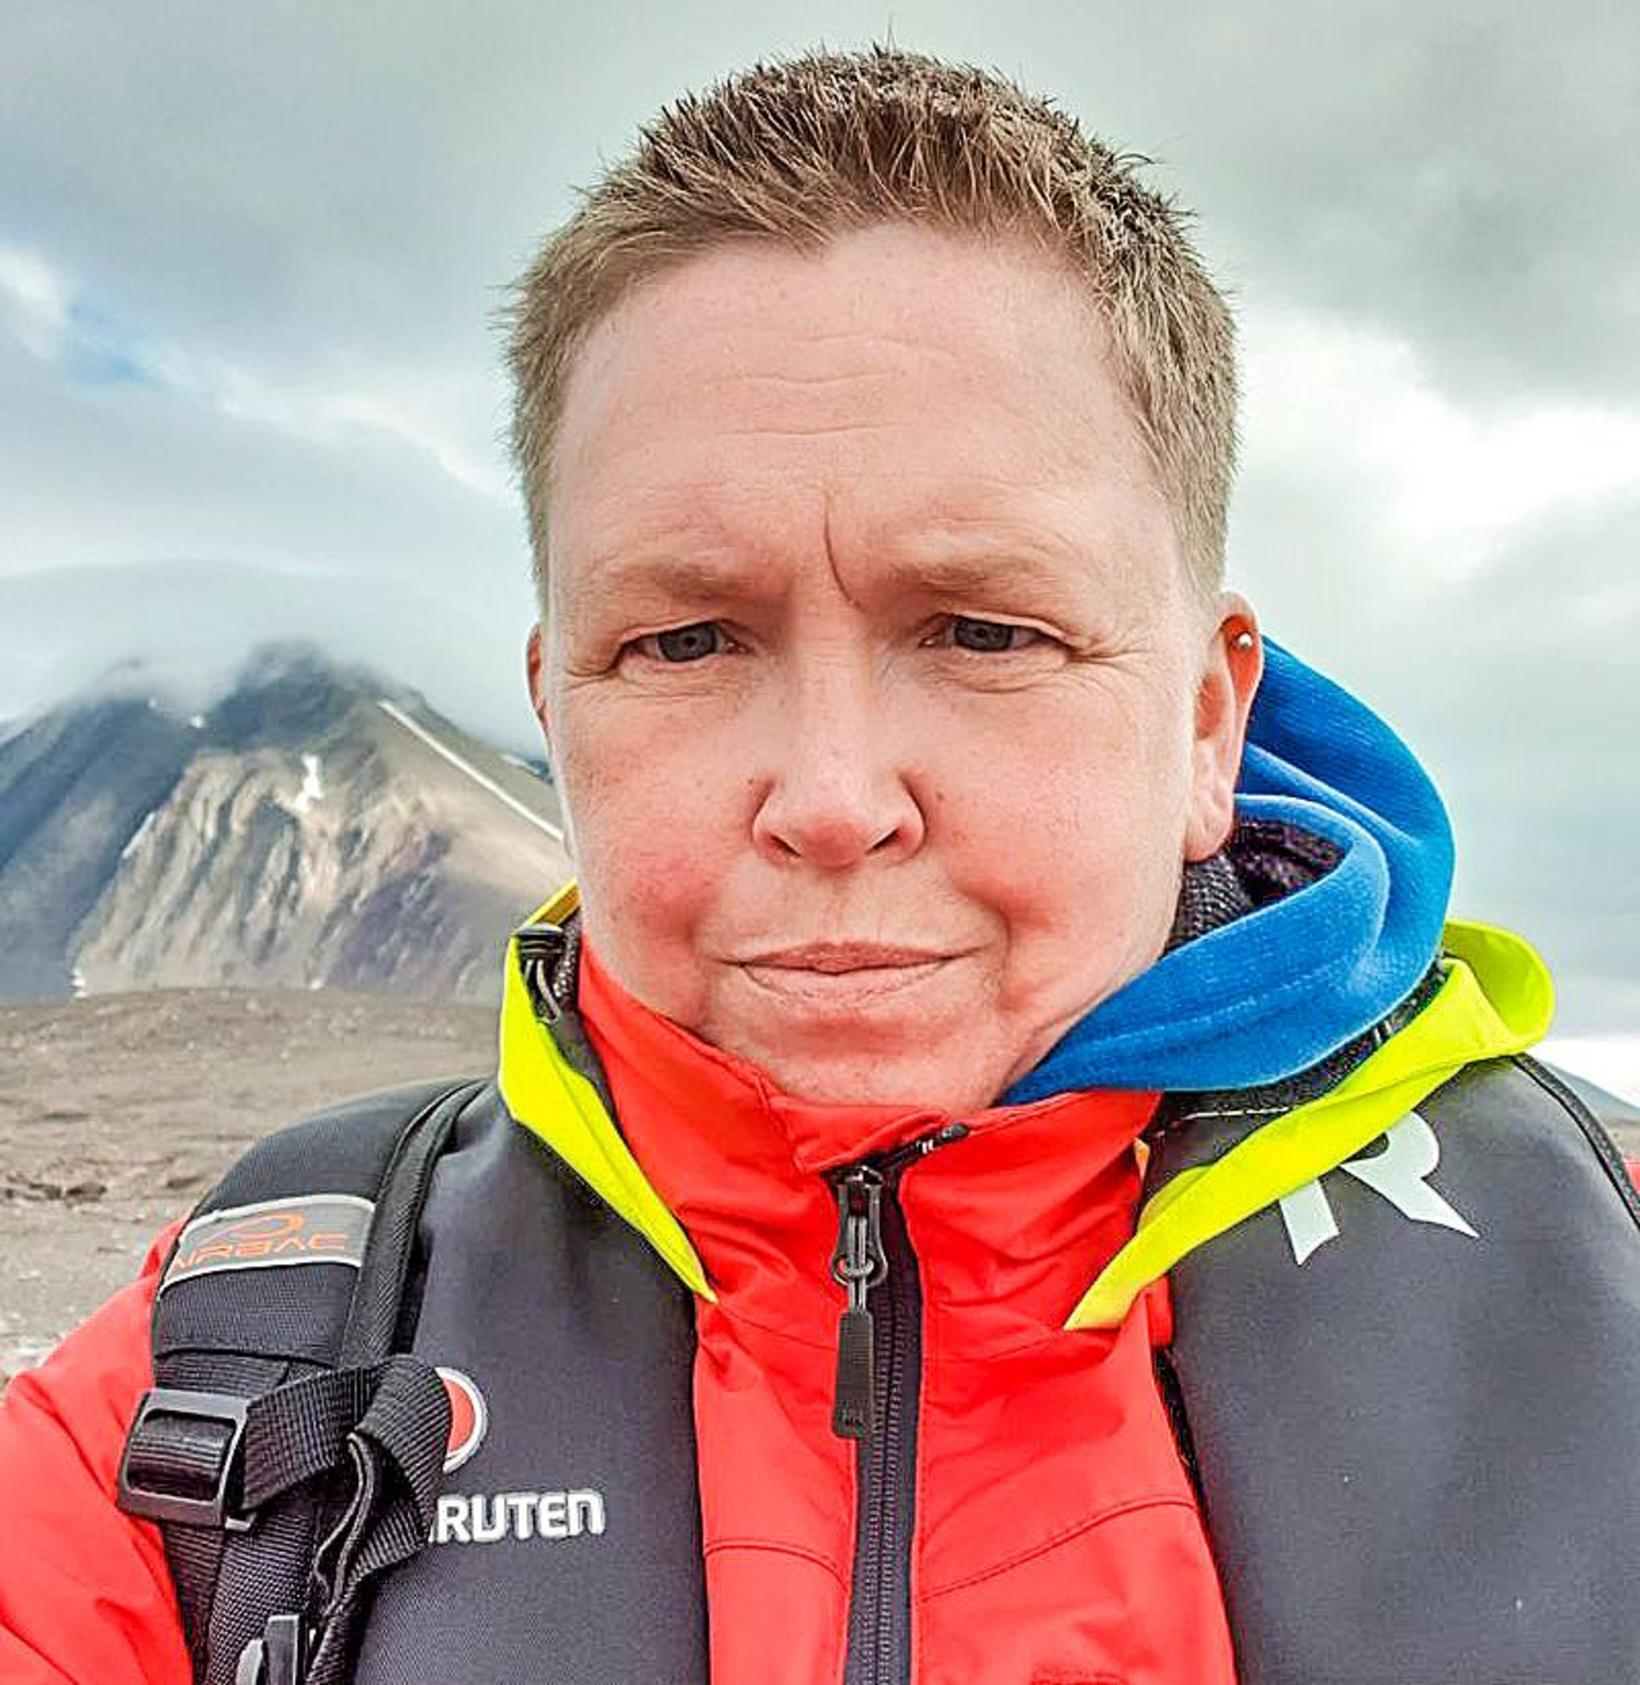 Geðhjúkrunarfræðingurinn Lise Horgmo segir sínar farir ekki sléttar eftir siglinguna .